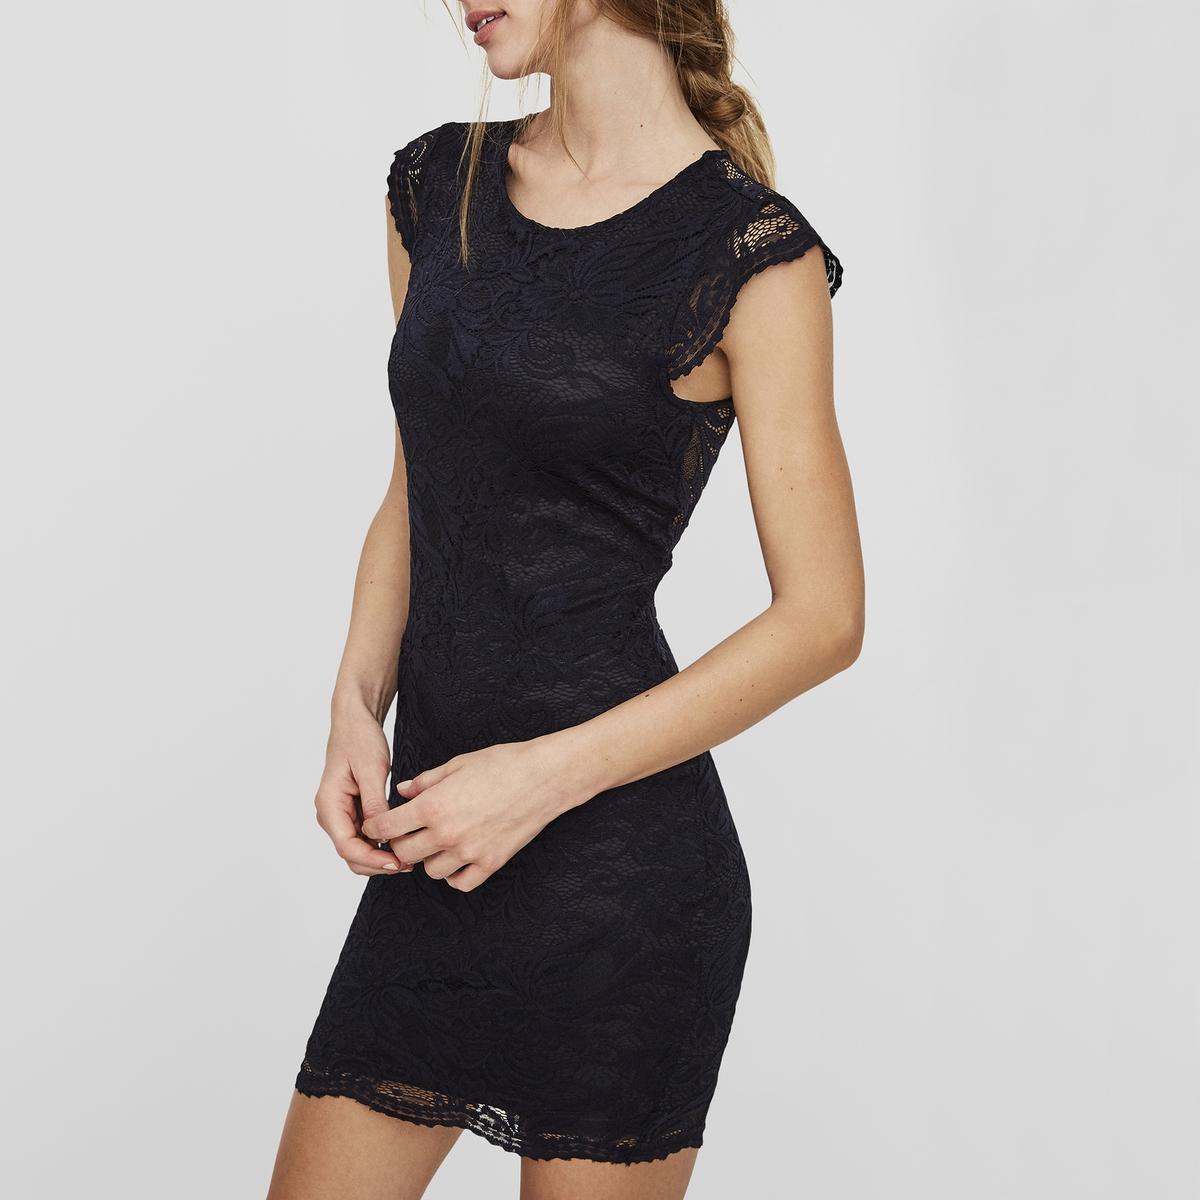 Платье с V-образным вырезом сзади и короткими кружевными рукавами daybreak hardlex uhren 2015 damske hodinky orologi di moda relojes relogios db2161